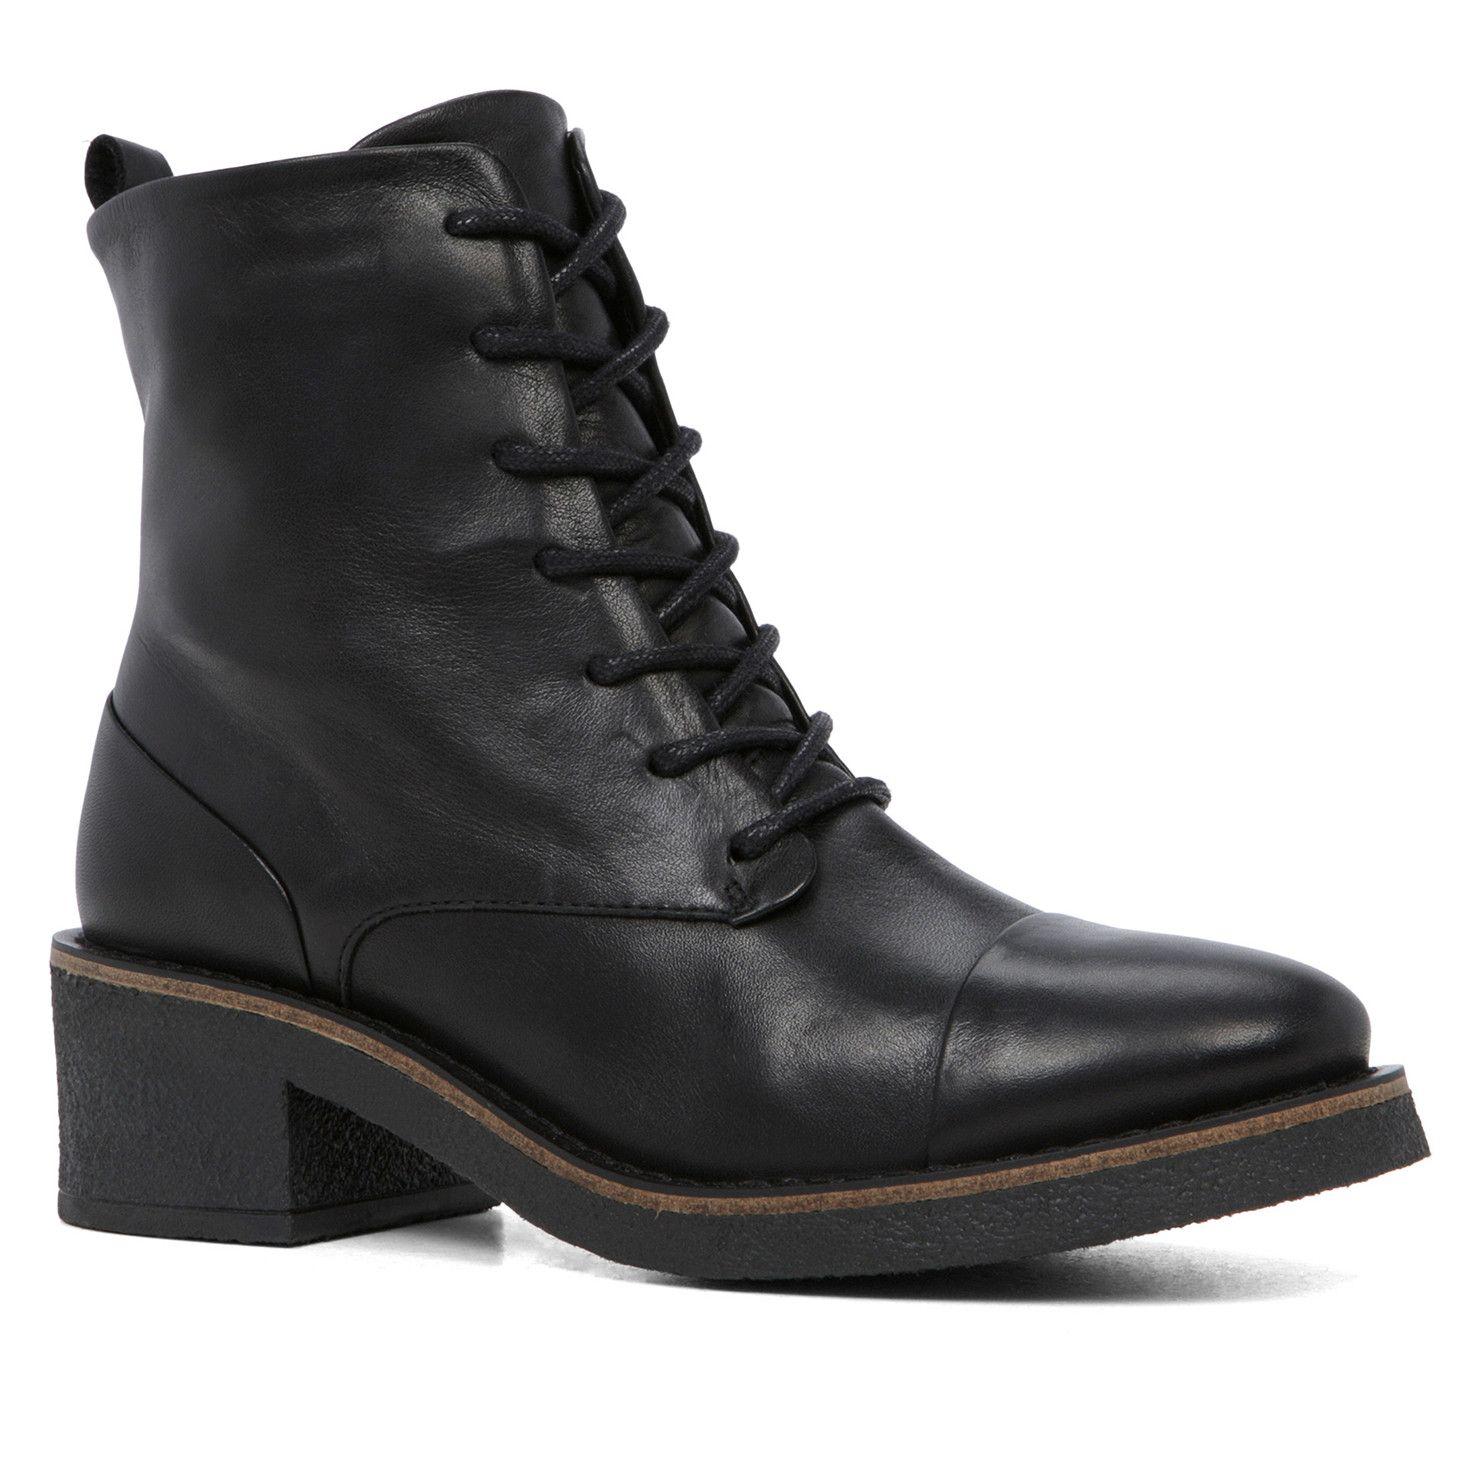 pietralta ankle boots s boots aldoshoes com kicks